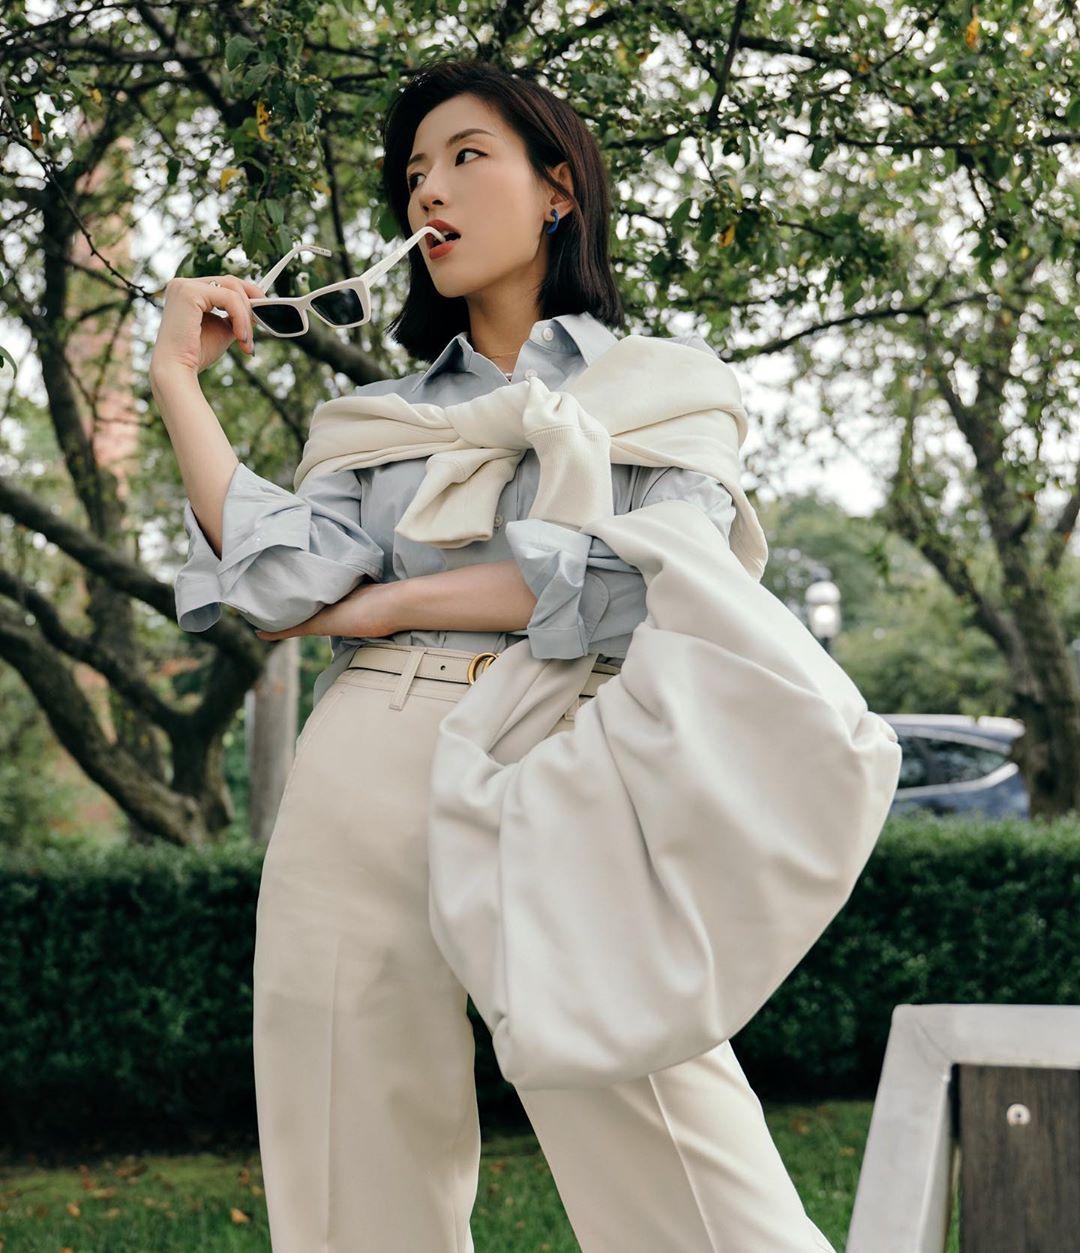 9 kiểu diện cardigan hờ hững, buông lơi học từ gái Hàn đến gái Pháp chuẩn chỉnh cho ngày hanh hao gió mùa - Ảnh 5.